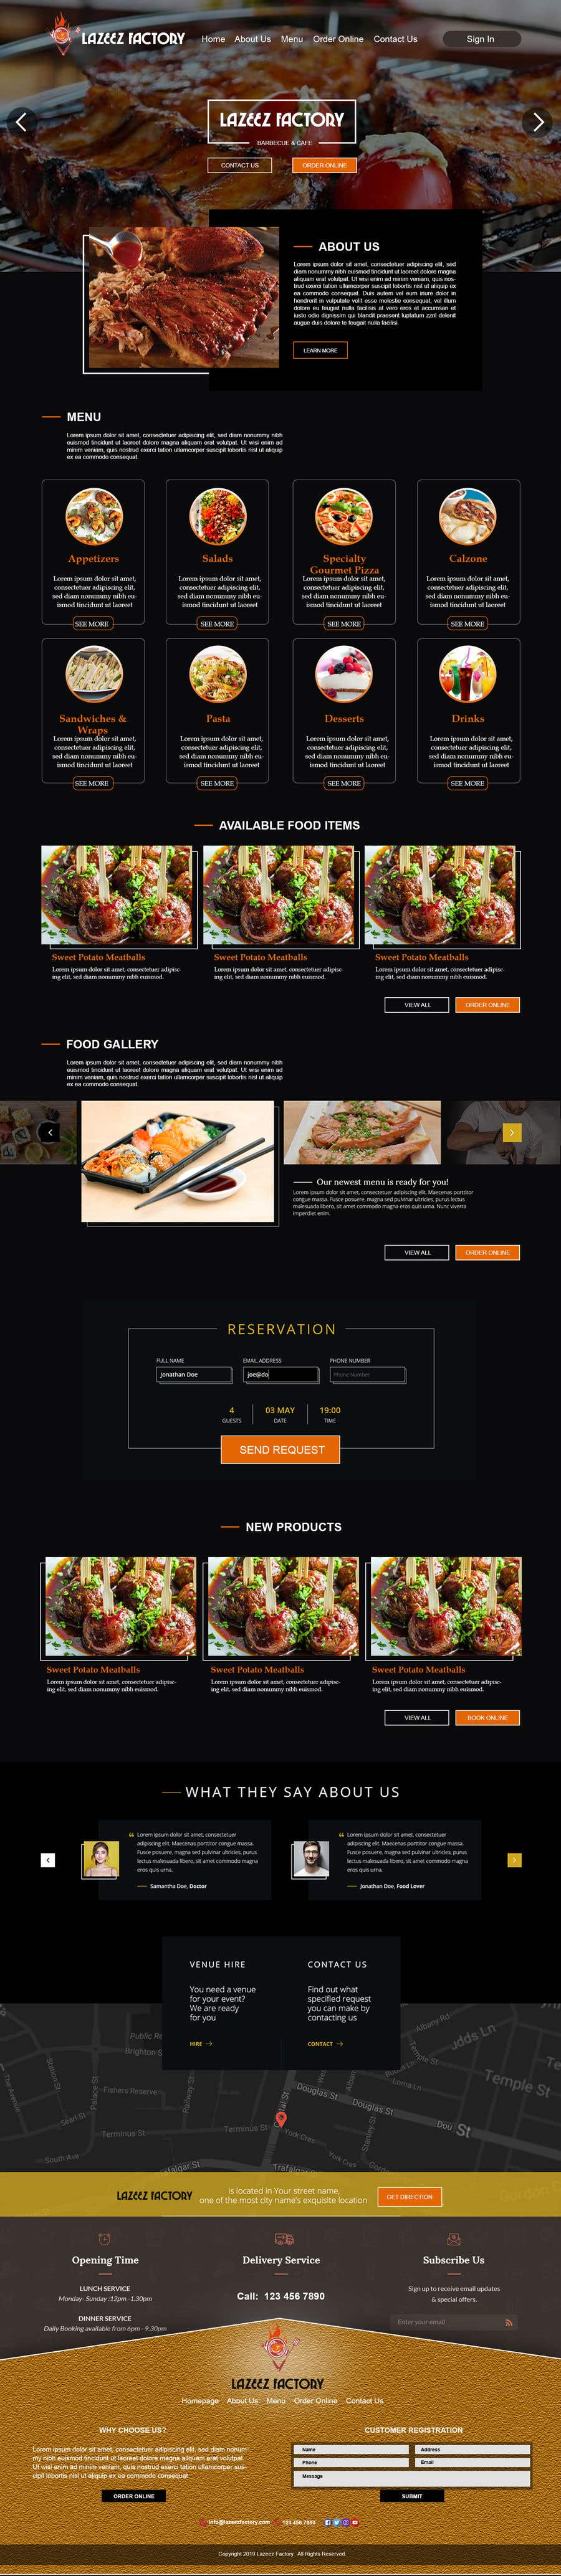 Konkurrenceindlæg #98 for Design A Website and Logo For Restaurant